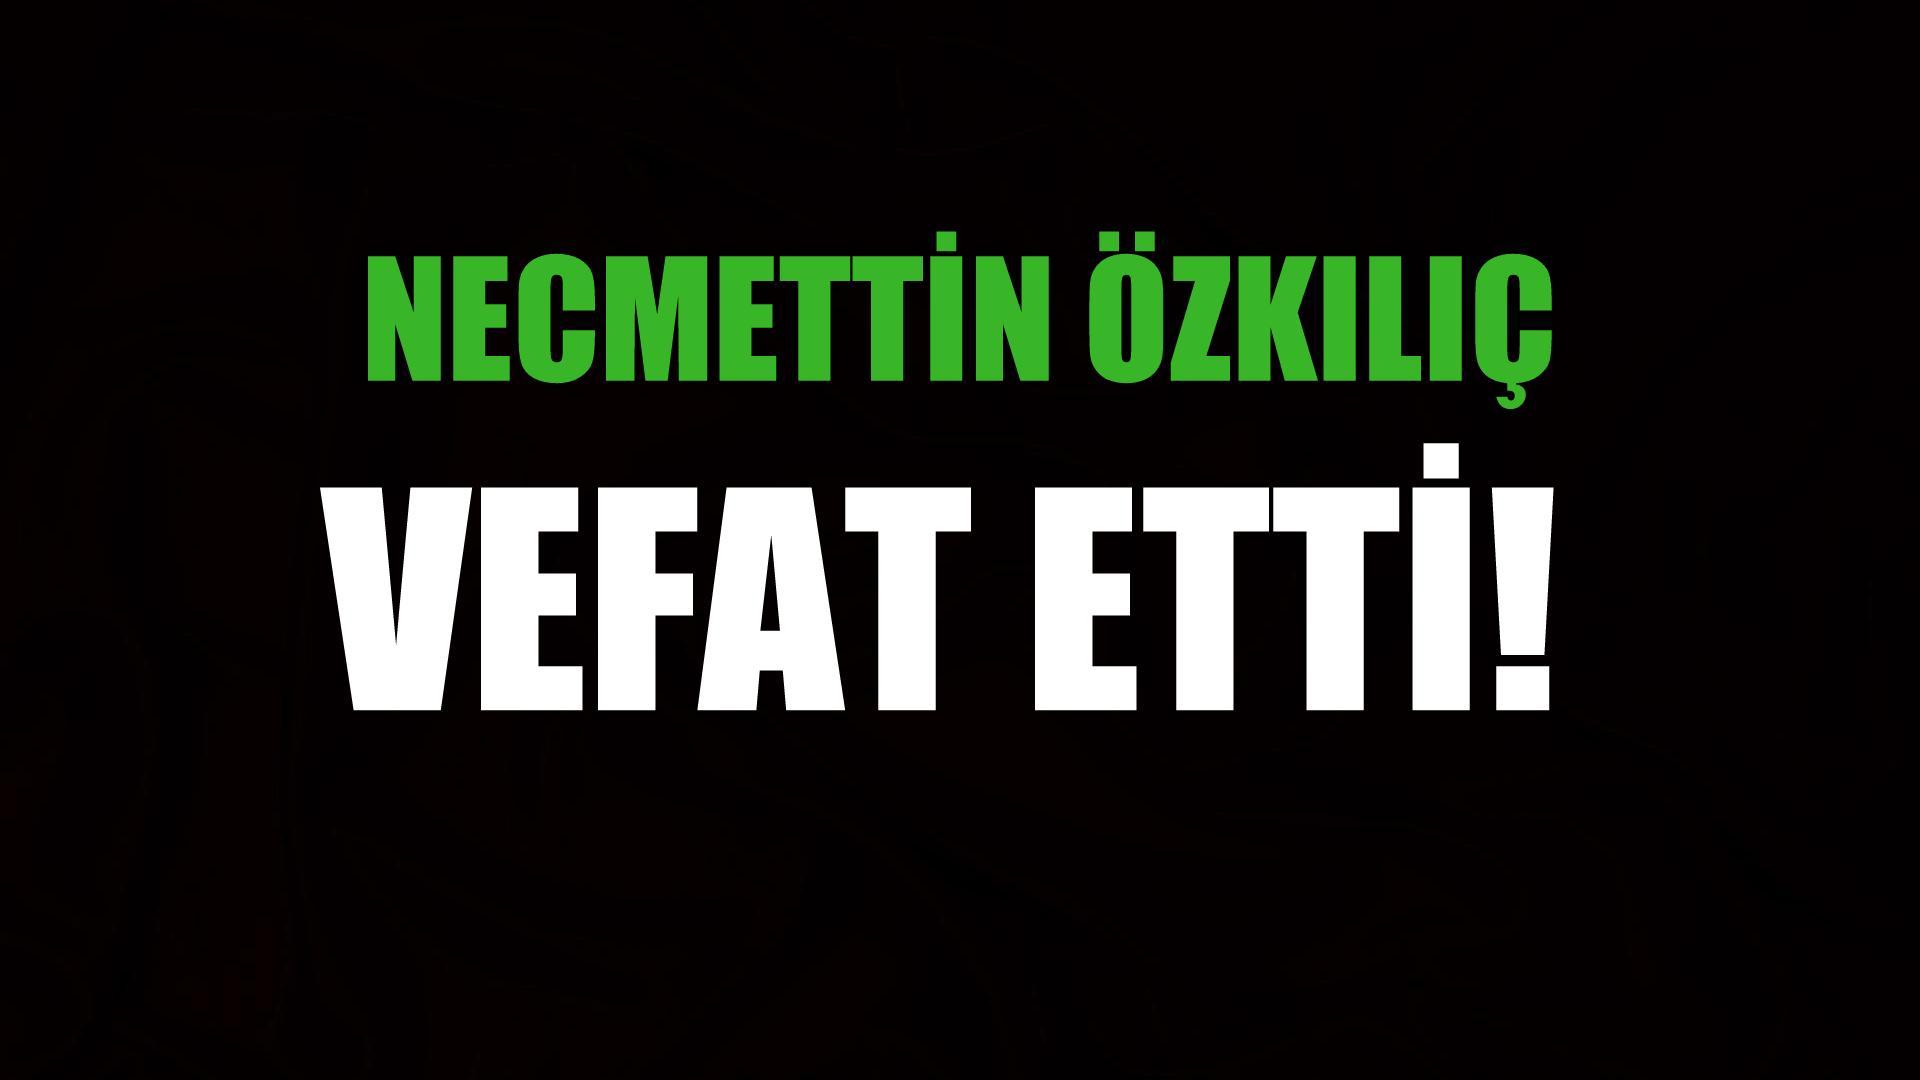 ÖZKILIÇ AİLESİNİN ACI GÜNÜ!..